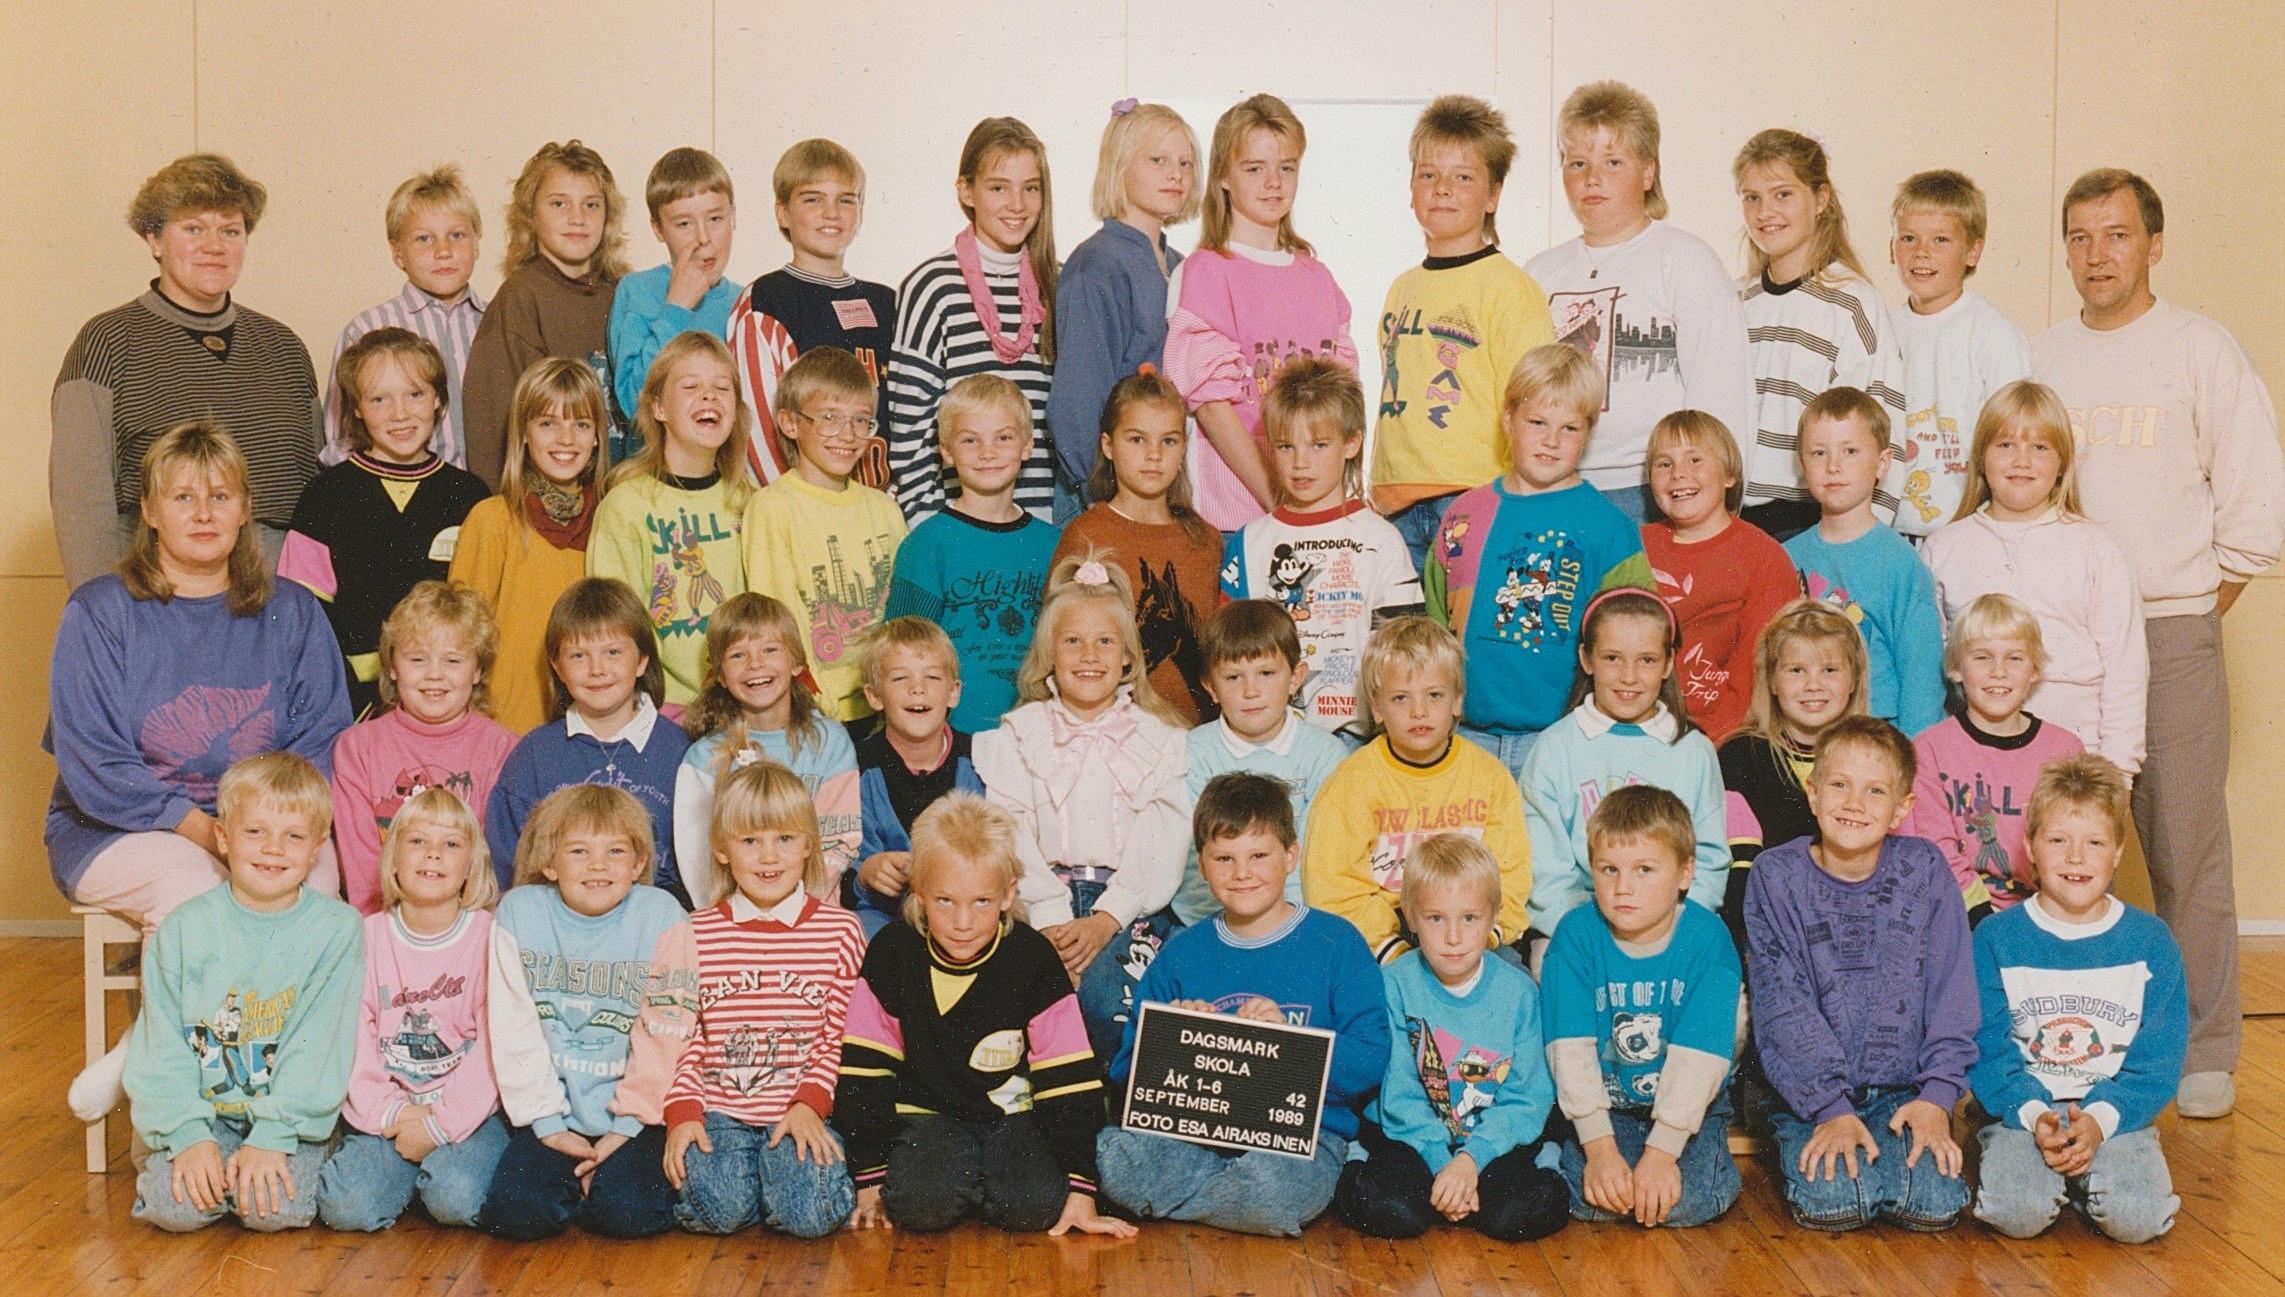 År 1989, hela Dagsmark skola.